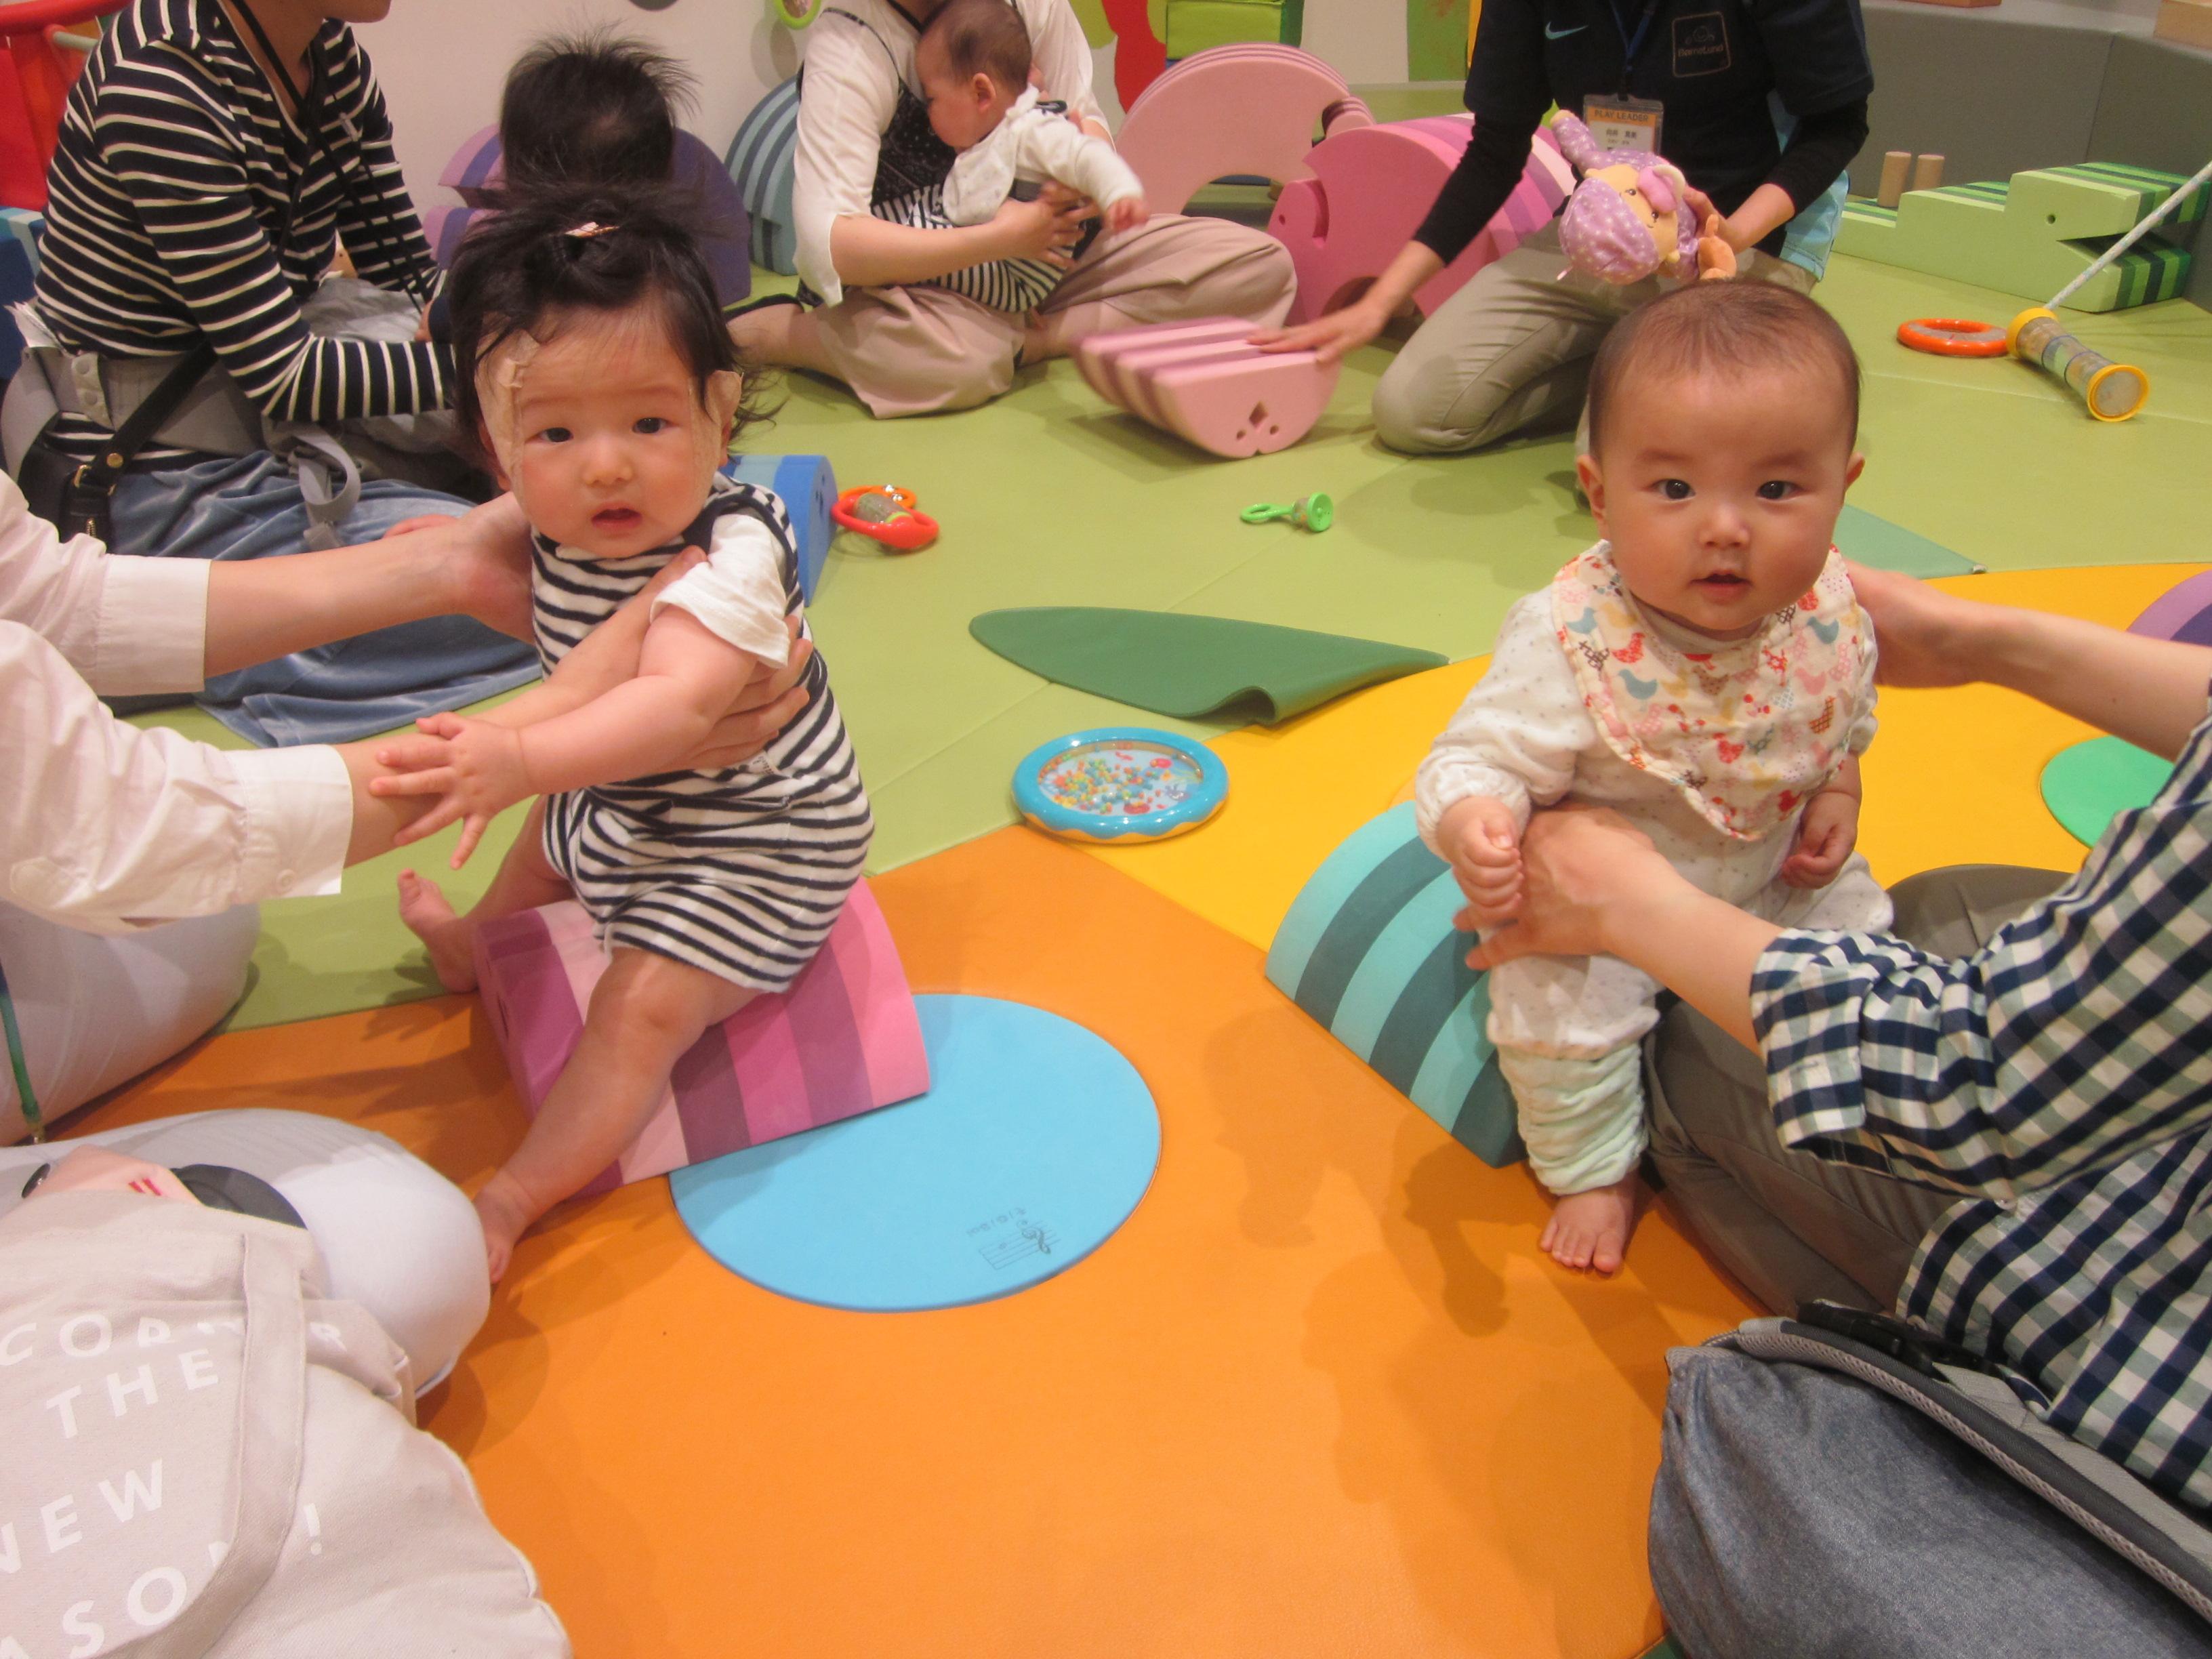 8月24日 赤ちゃんの日イベント「しわくちゃボールであそぼう!」中止のお知らせ